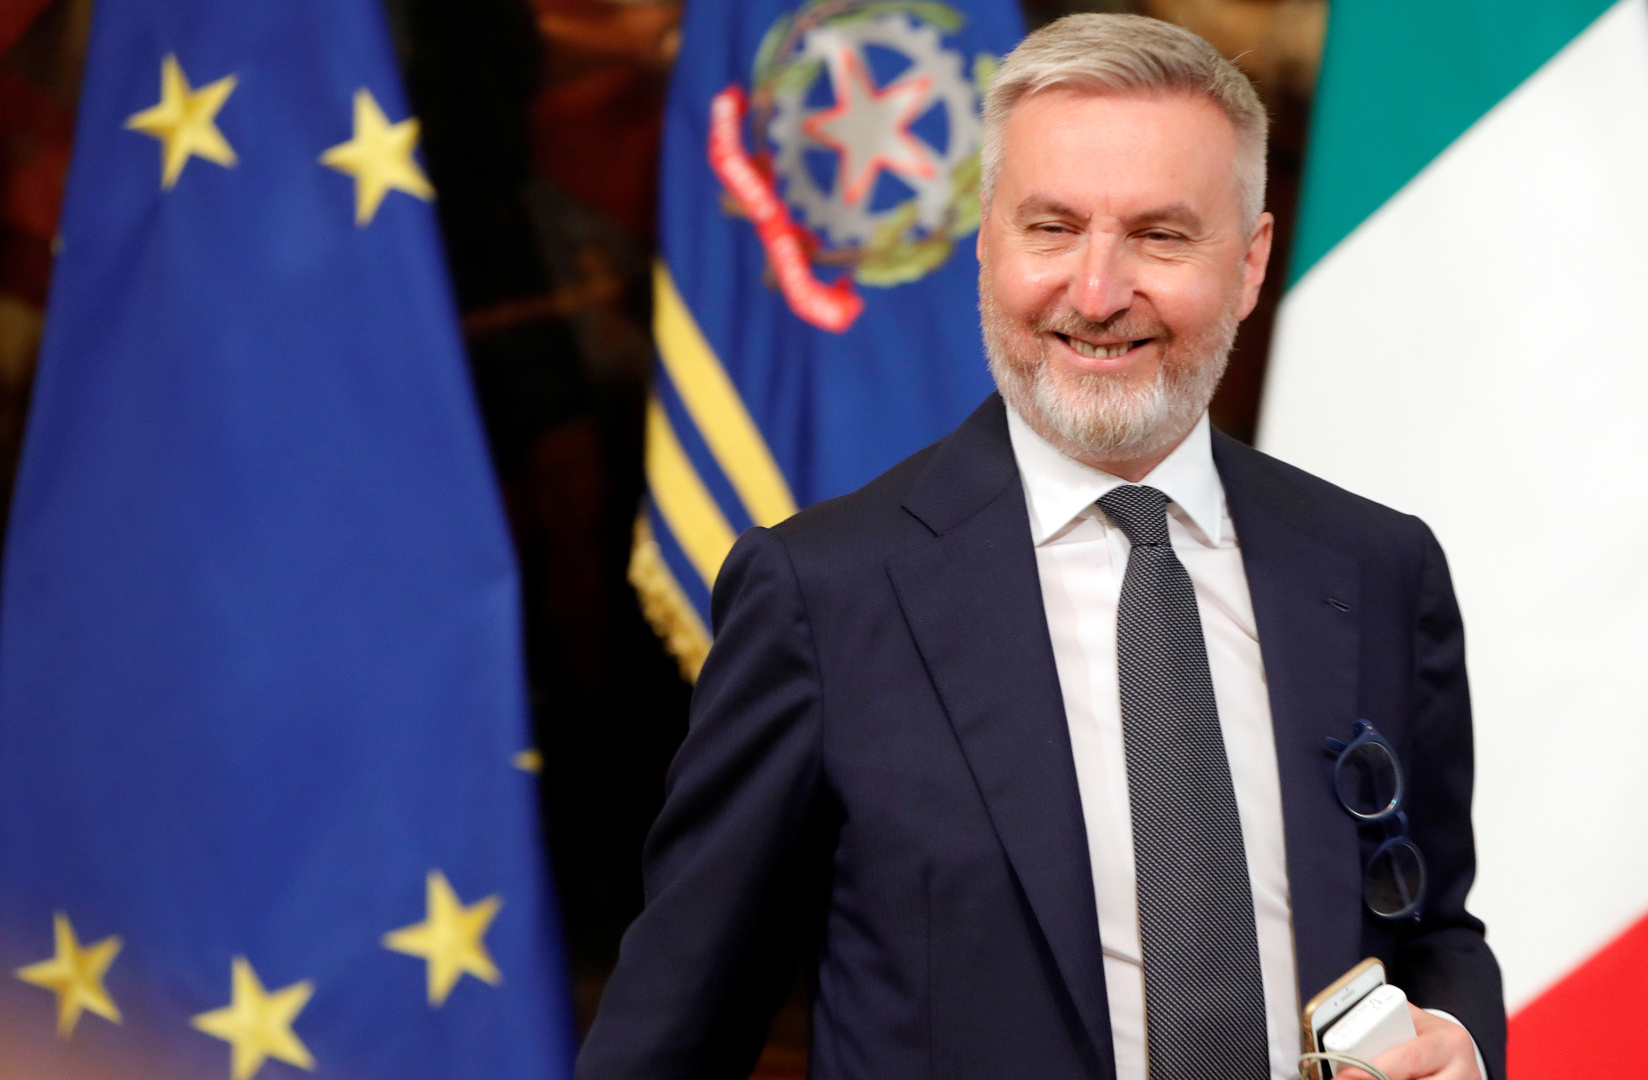 إيطاليا تعلن إكمال انسحاب قواتها من أفغانستان